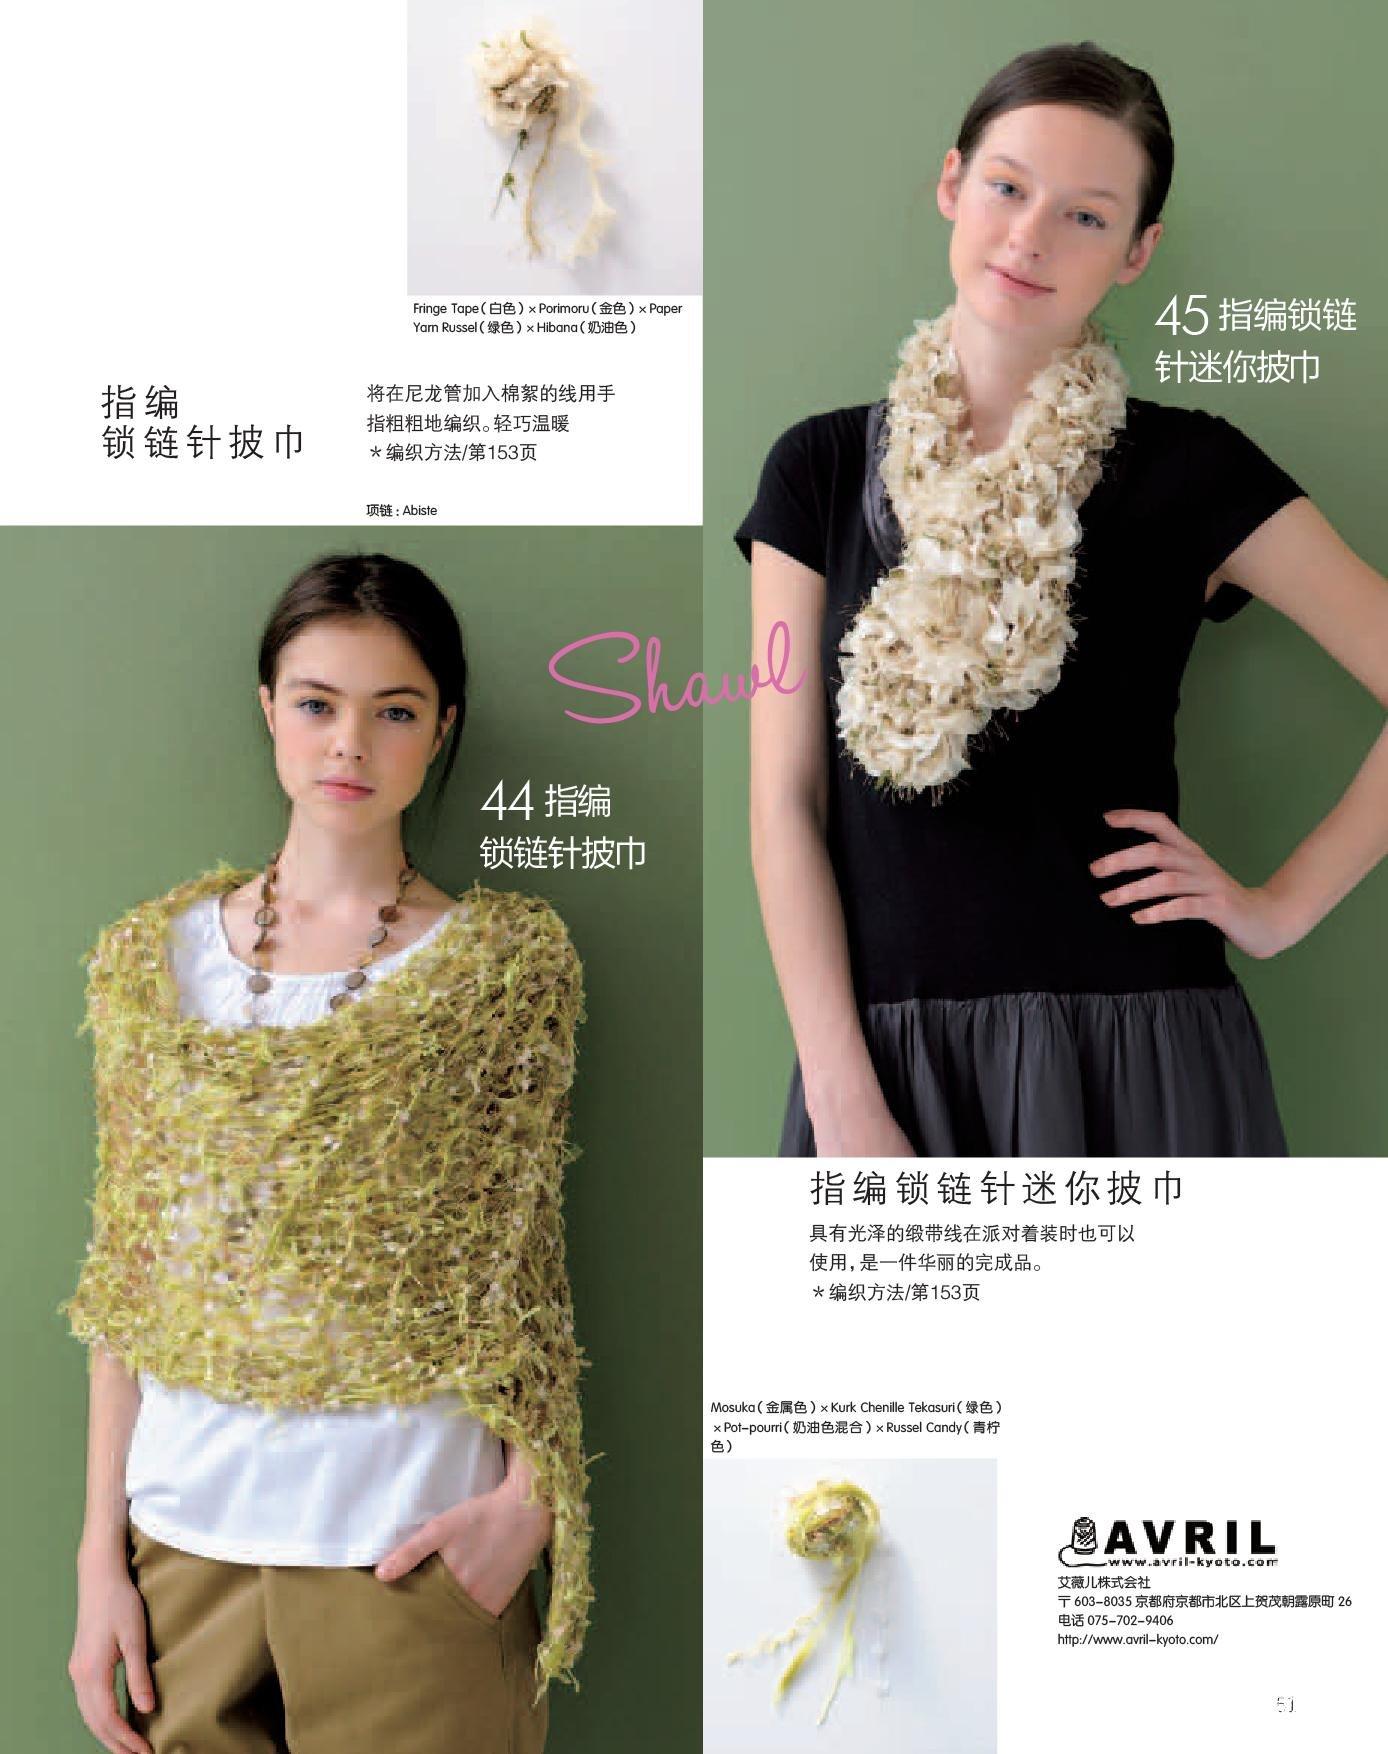 世界编织1 蕾丝编织的美丽世界-51.jpg